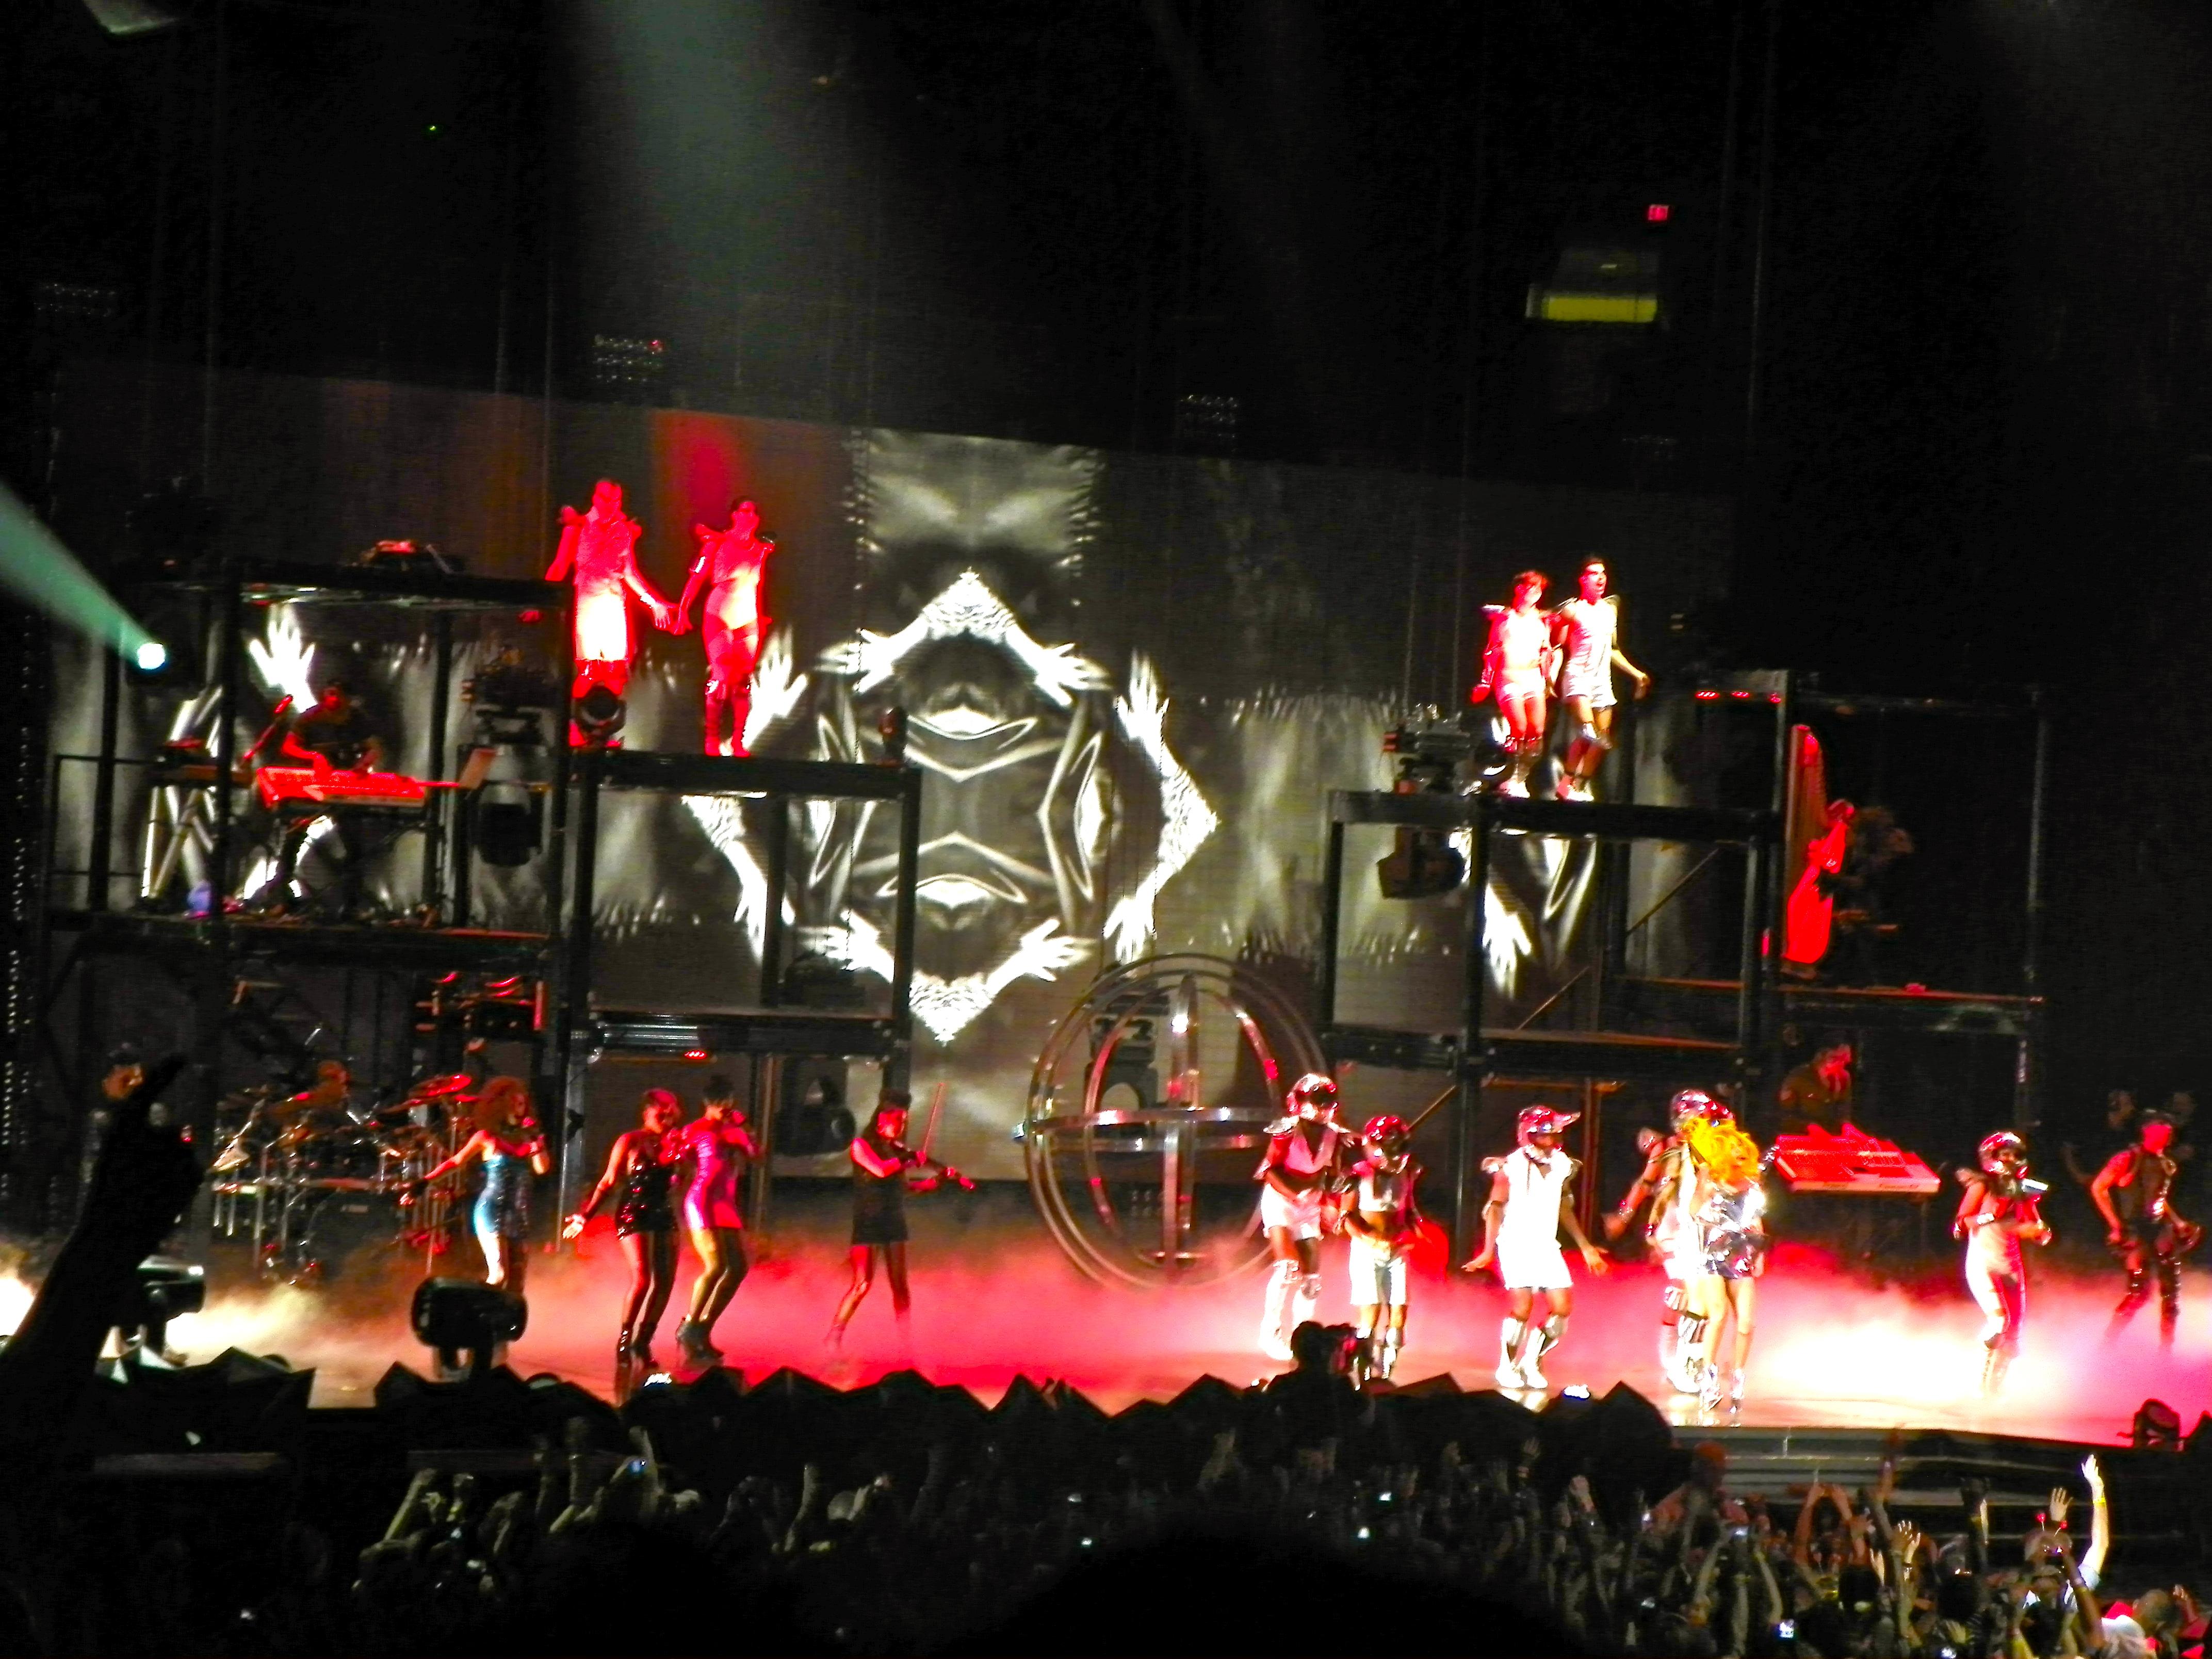 File:The Monster Ball Tour - Monster Ball Scene.jpg